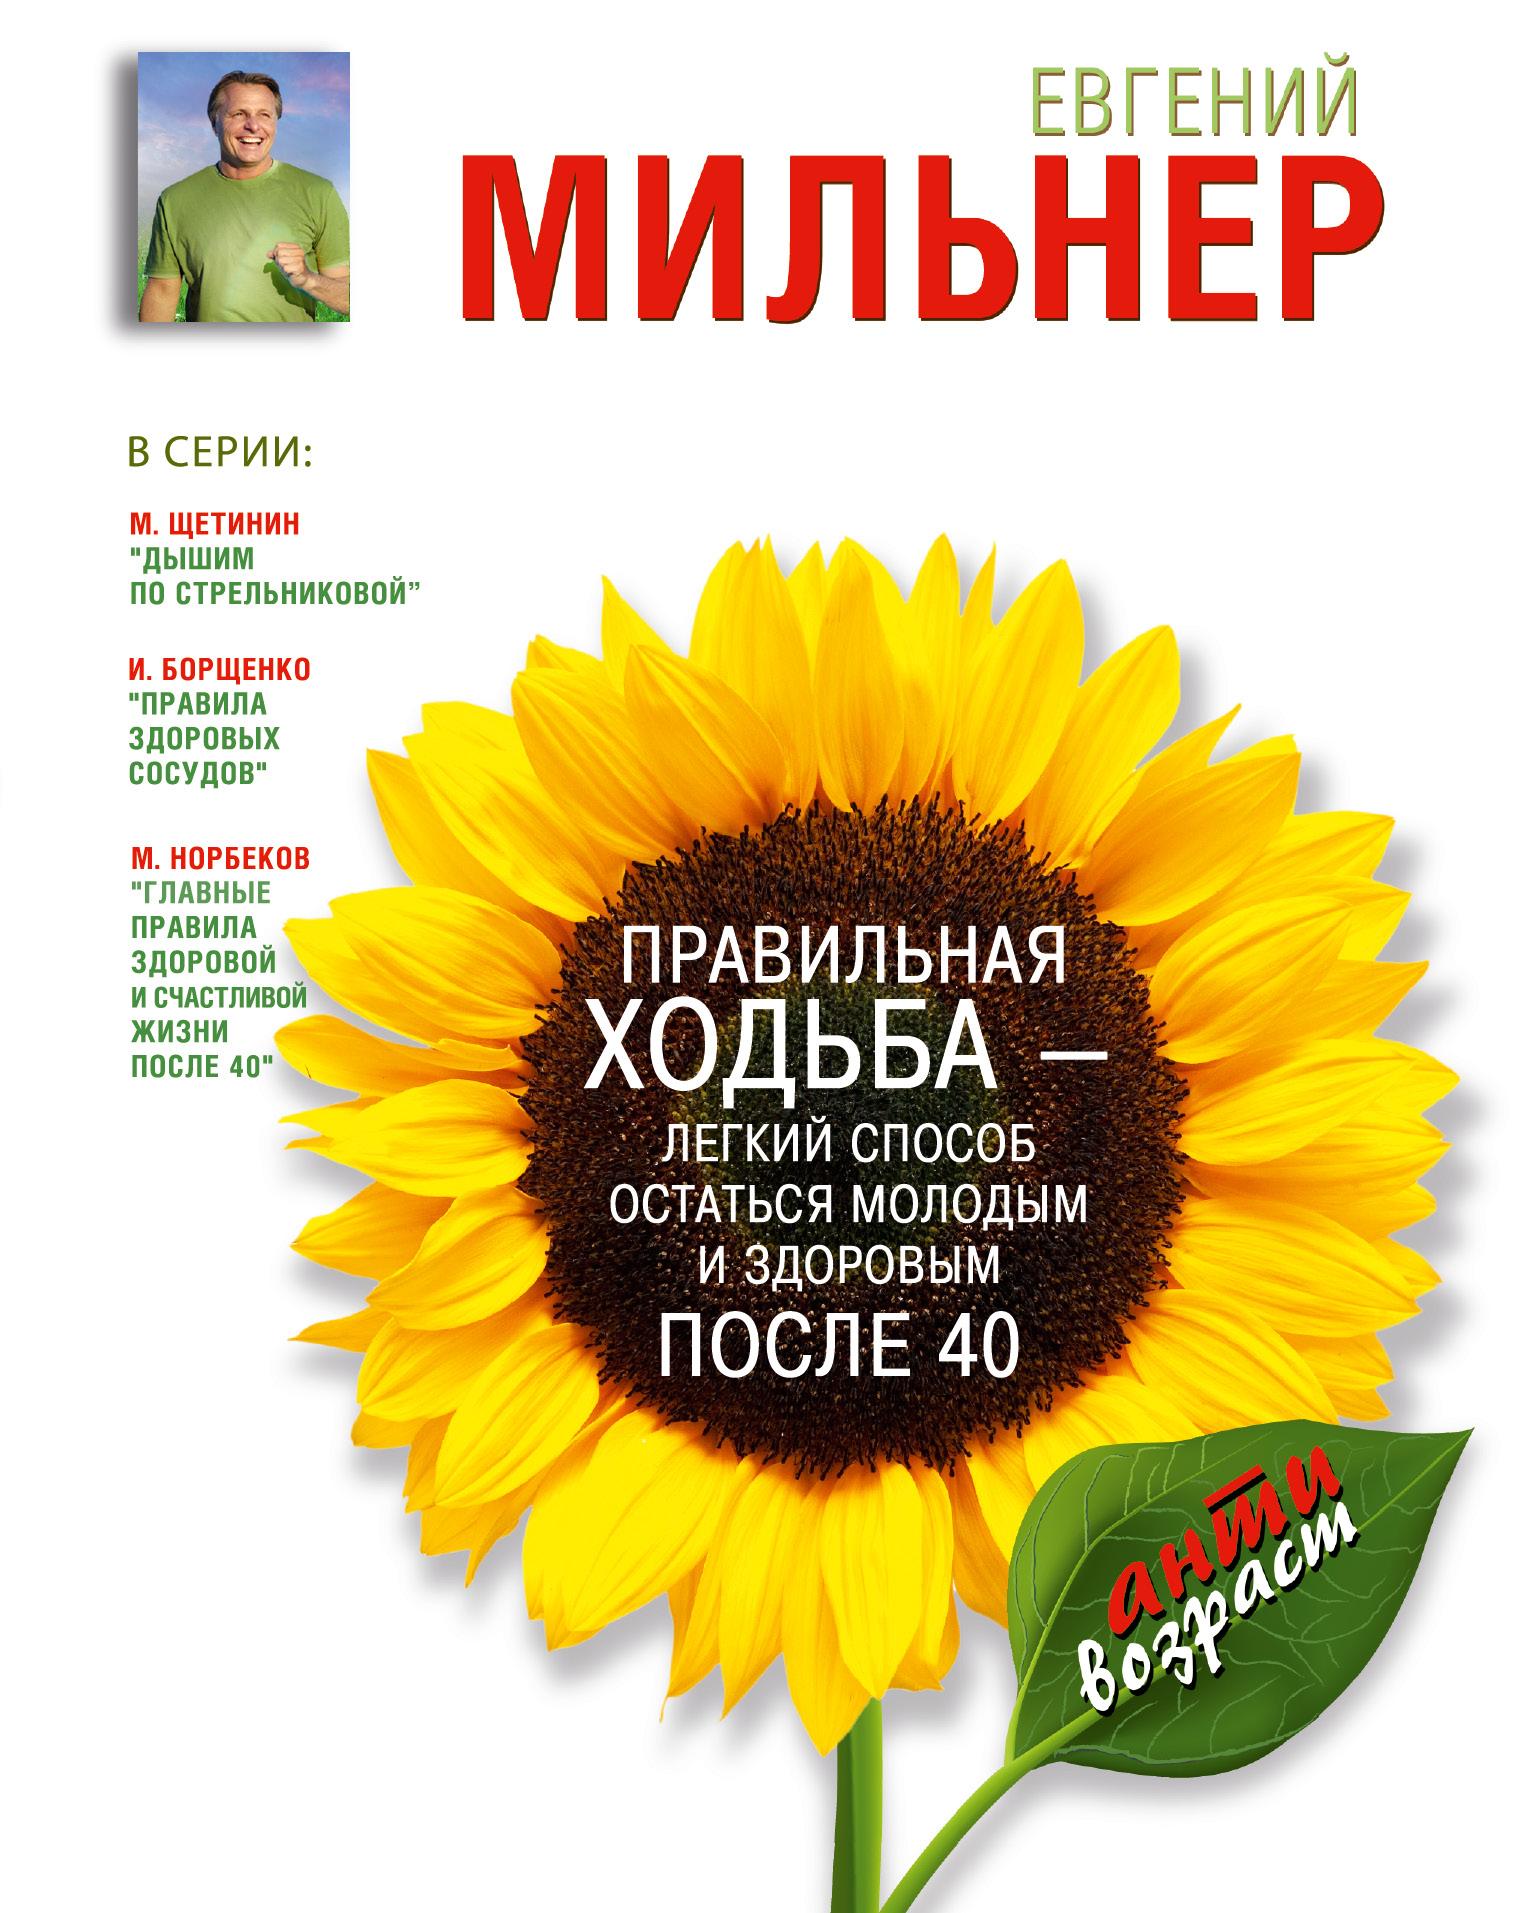 Правильная ходьба - легкий способ остаться молодым и здоровым после 40 от book24.ru